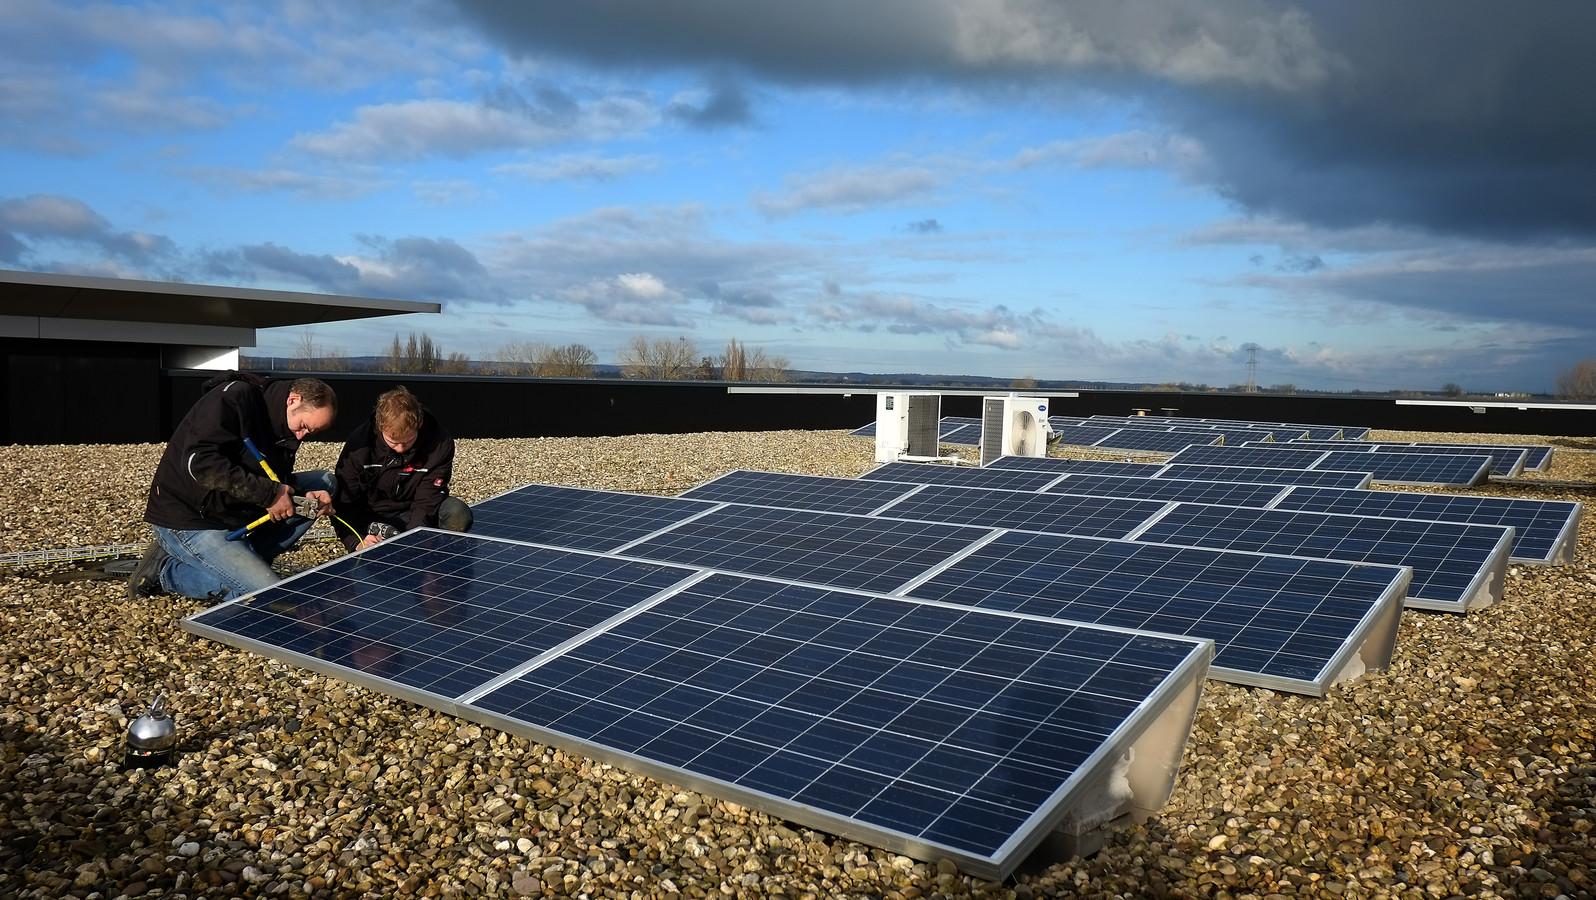 Zonnepanelen  worden aangebracht op het dak van een bedrijf.  Foto ter illustratie.